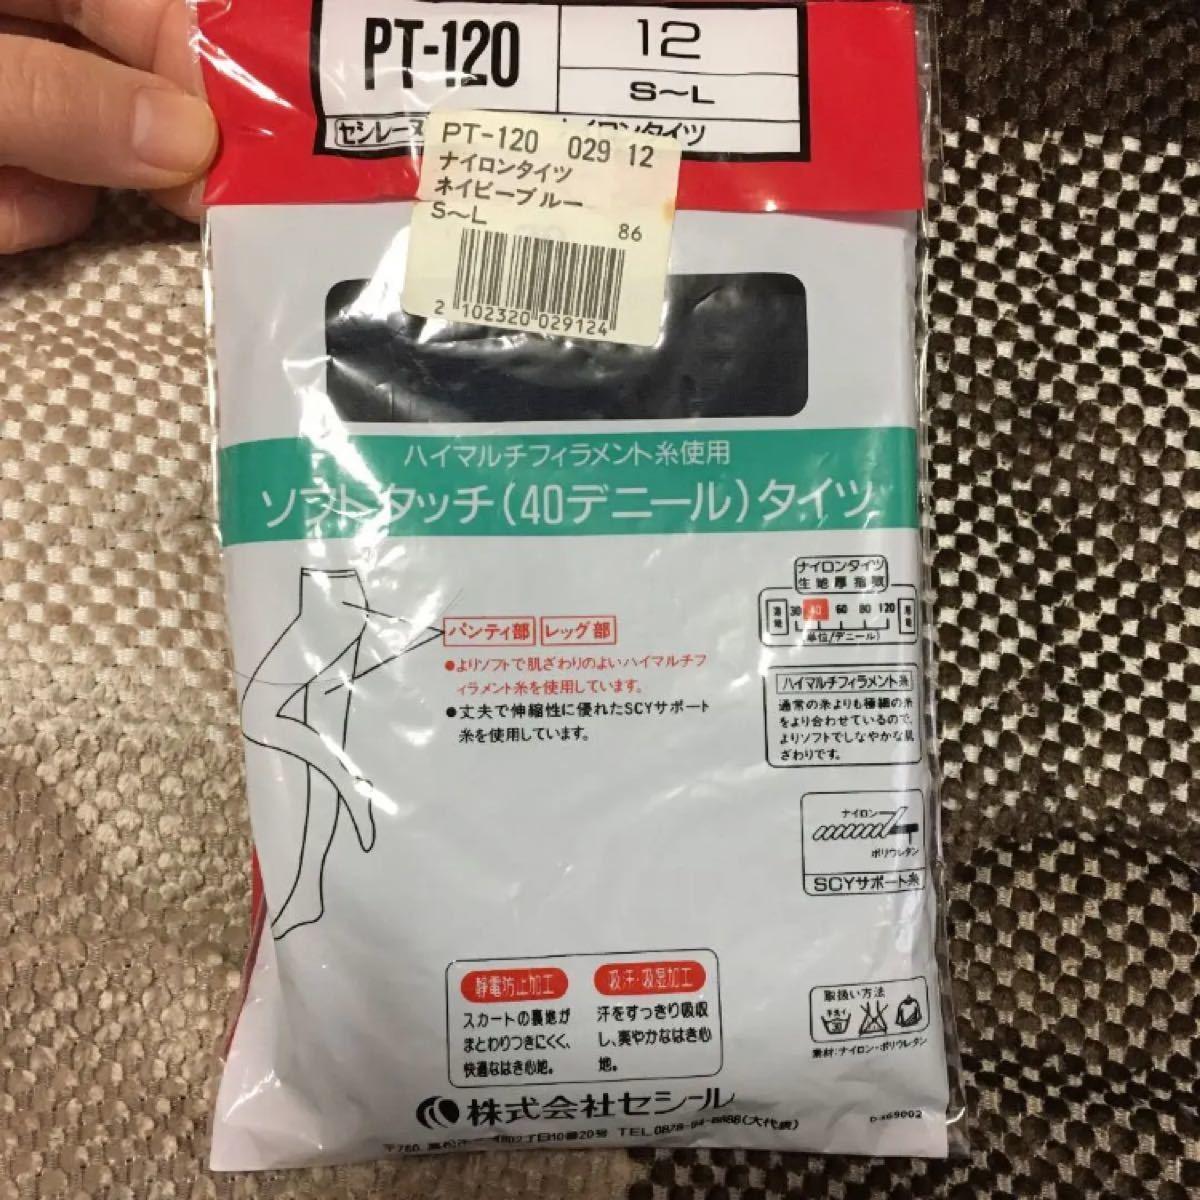 タイツ ストッキング セット 神田うの 網タイツ